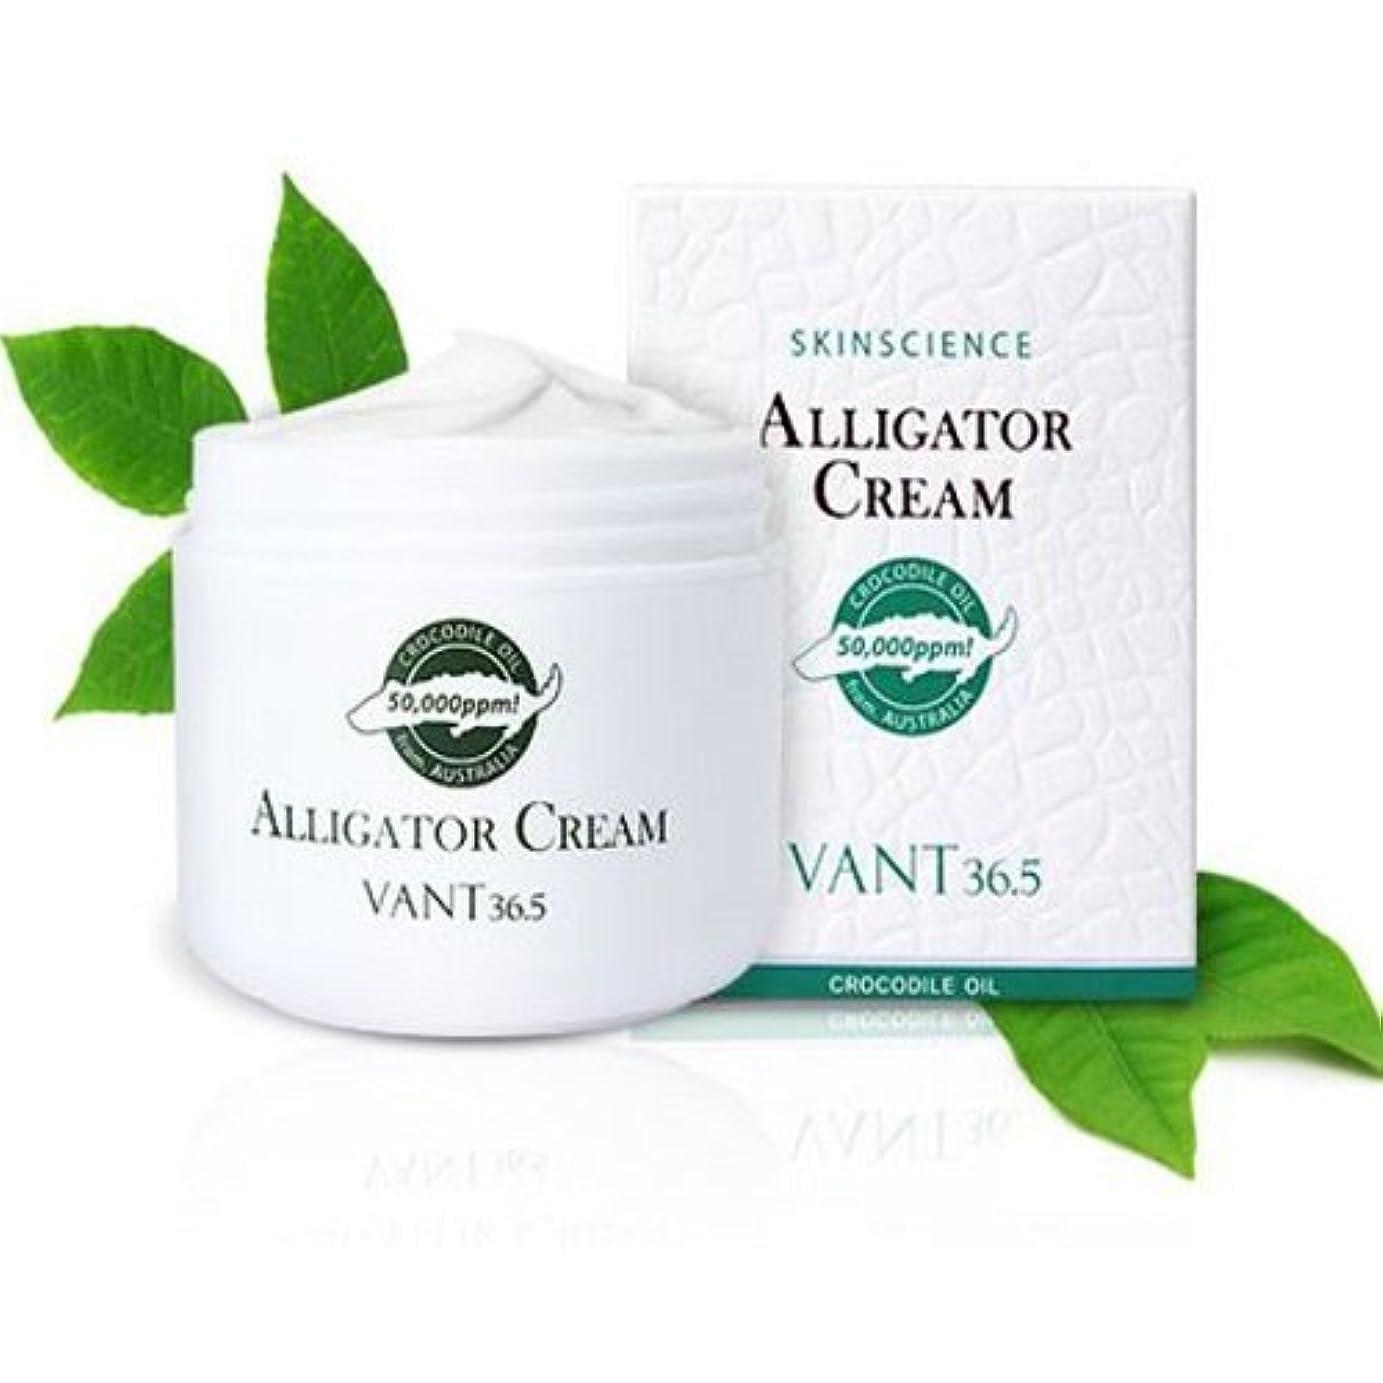 チップ有毒なことわざバント36.5 ワニクリーム50ml / VANT36.5 Alligator Cream 50ml [並行輸入品]